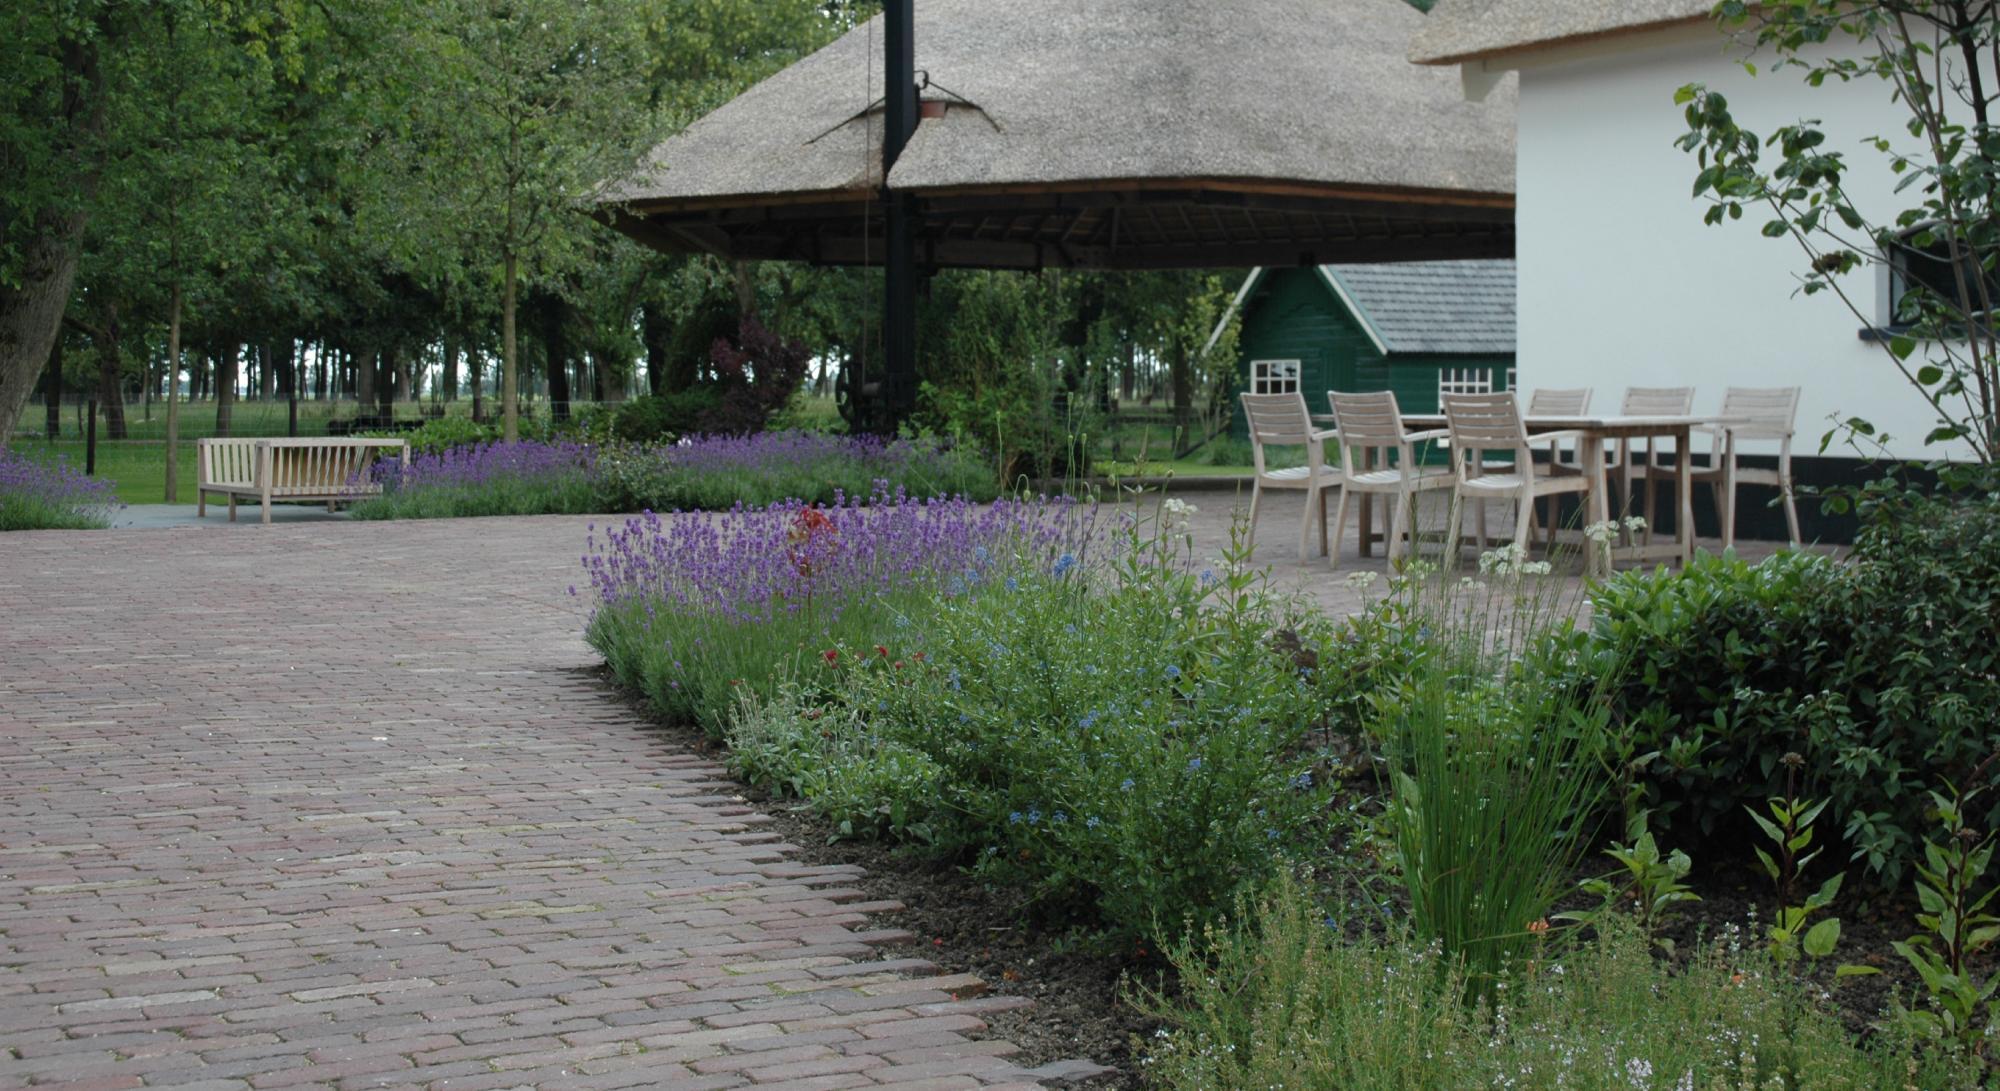 Boerderijtuin bij landgoed Woerden - Foto 10